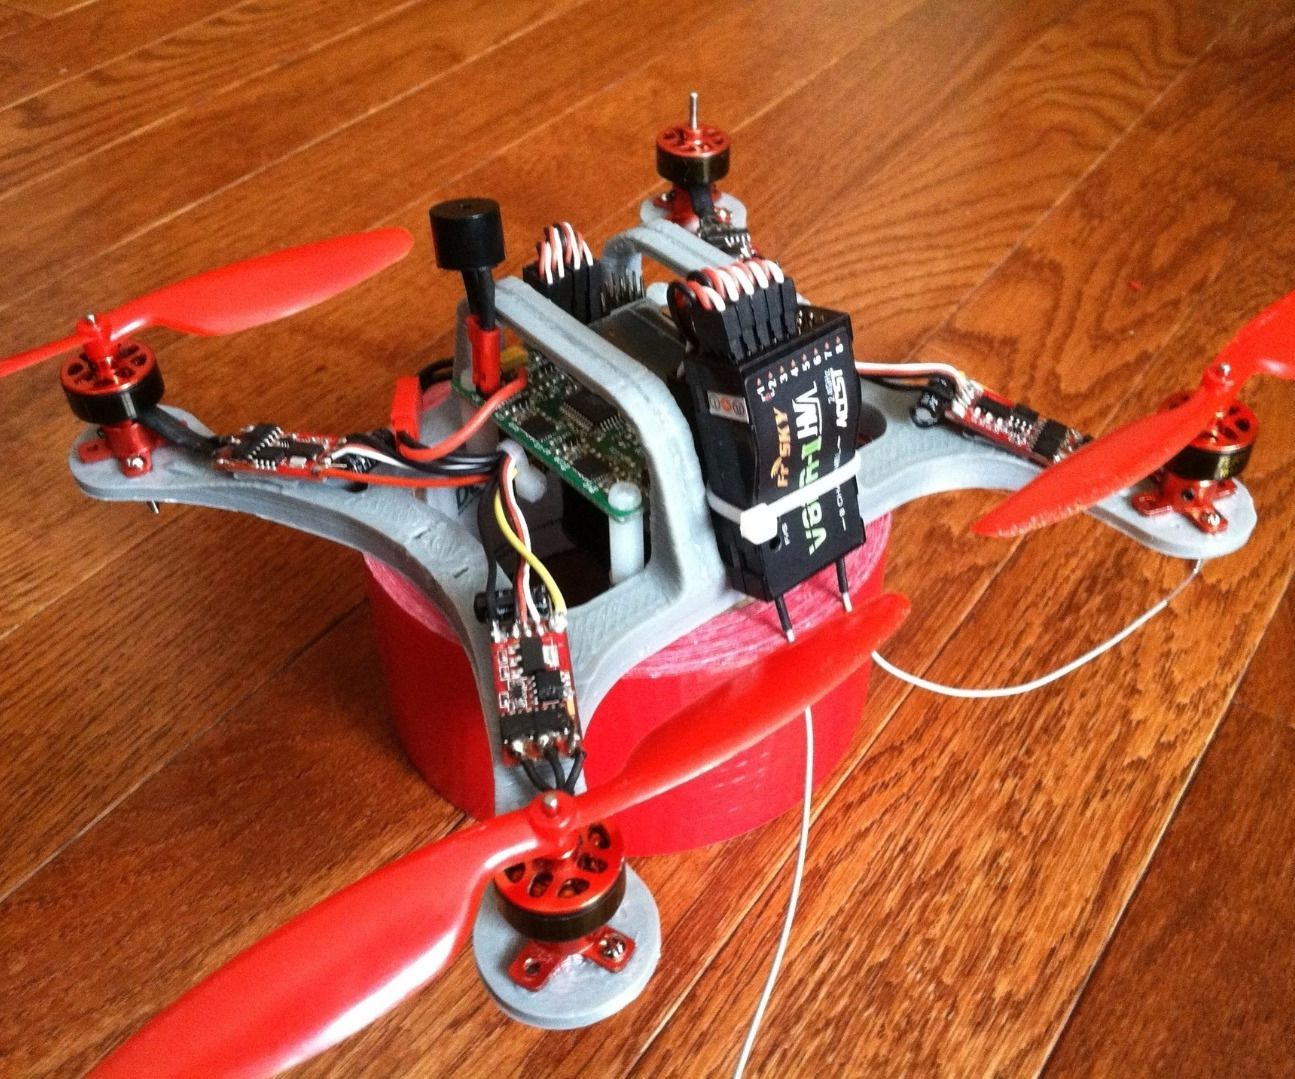 How I built this 200mm Mini H Quad Copter